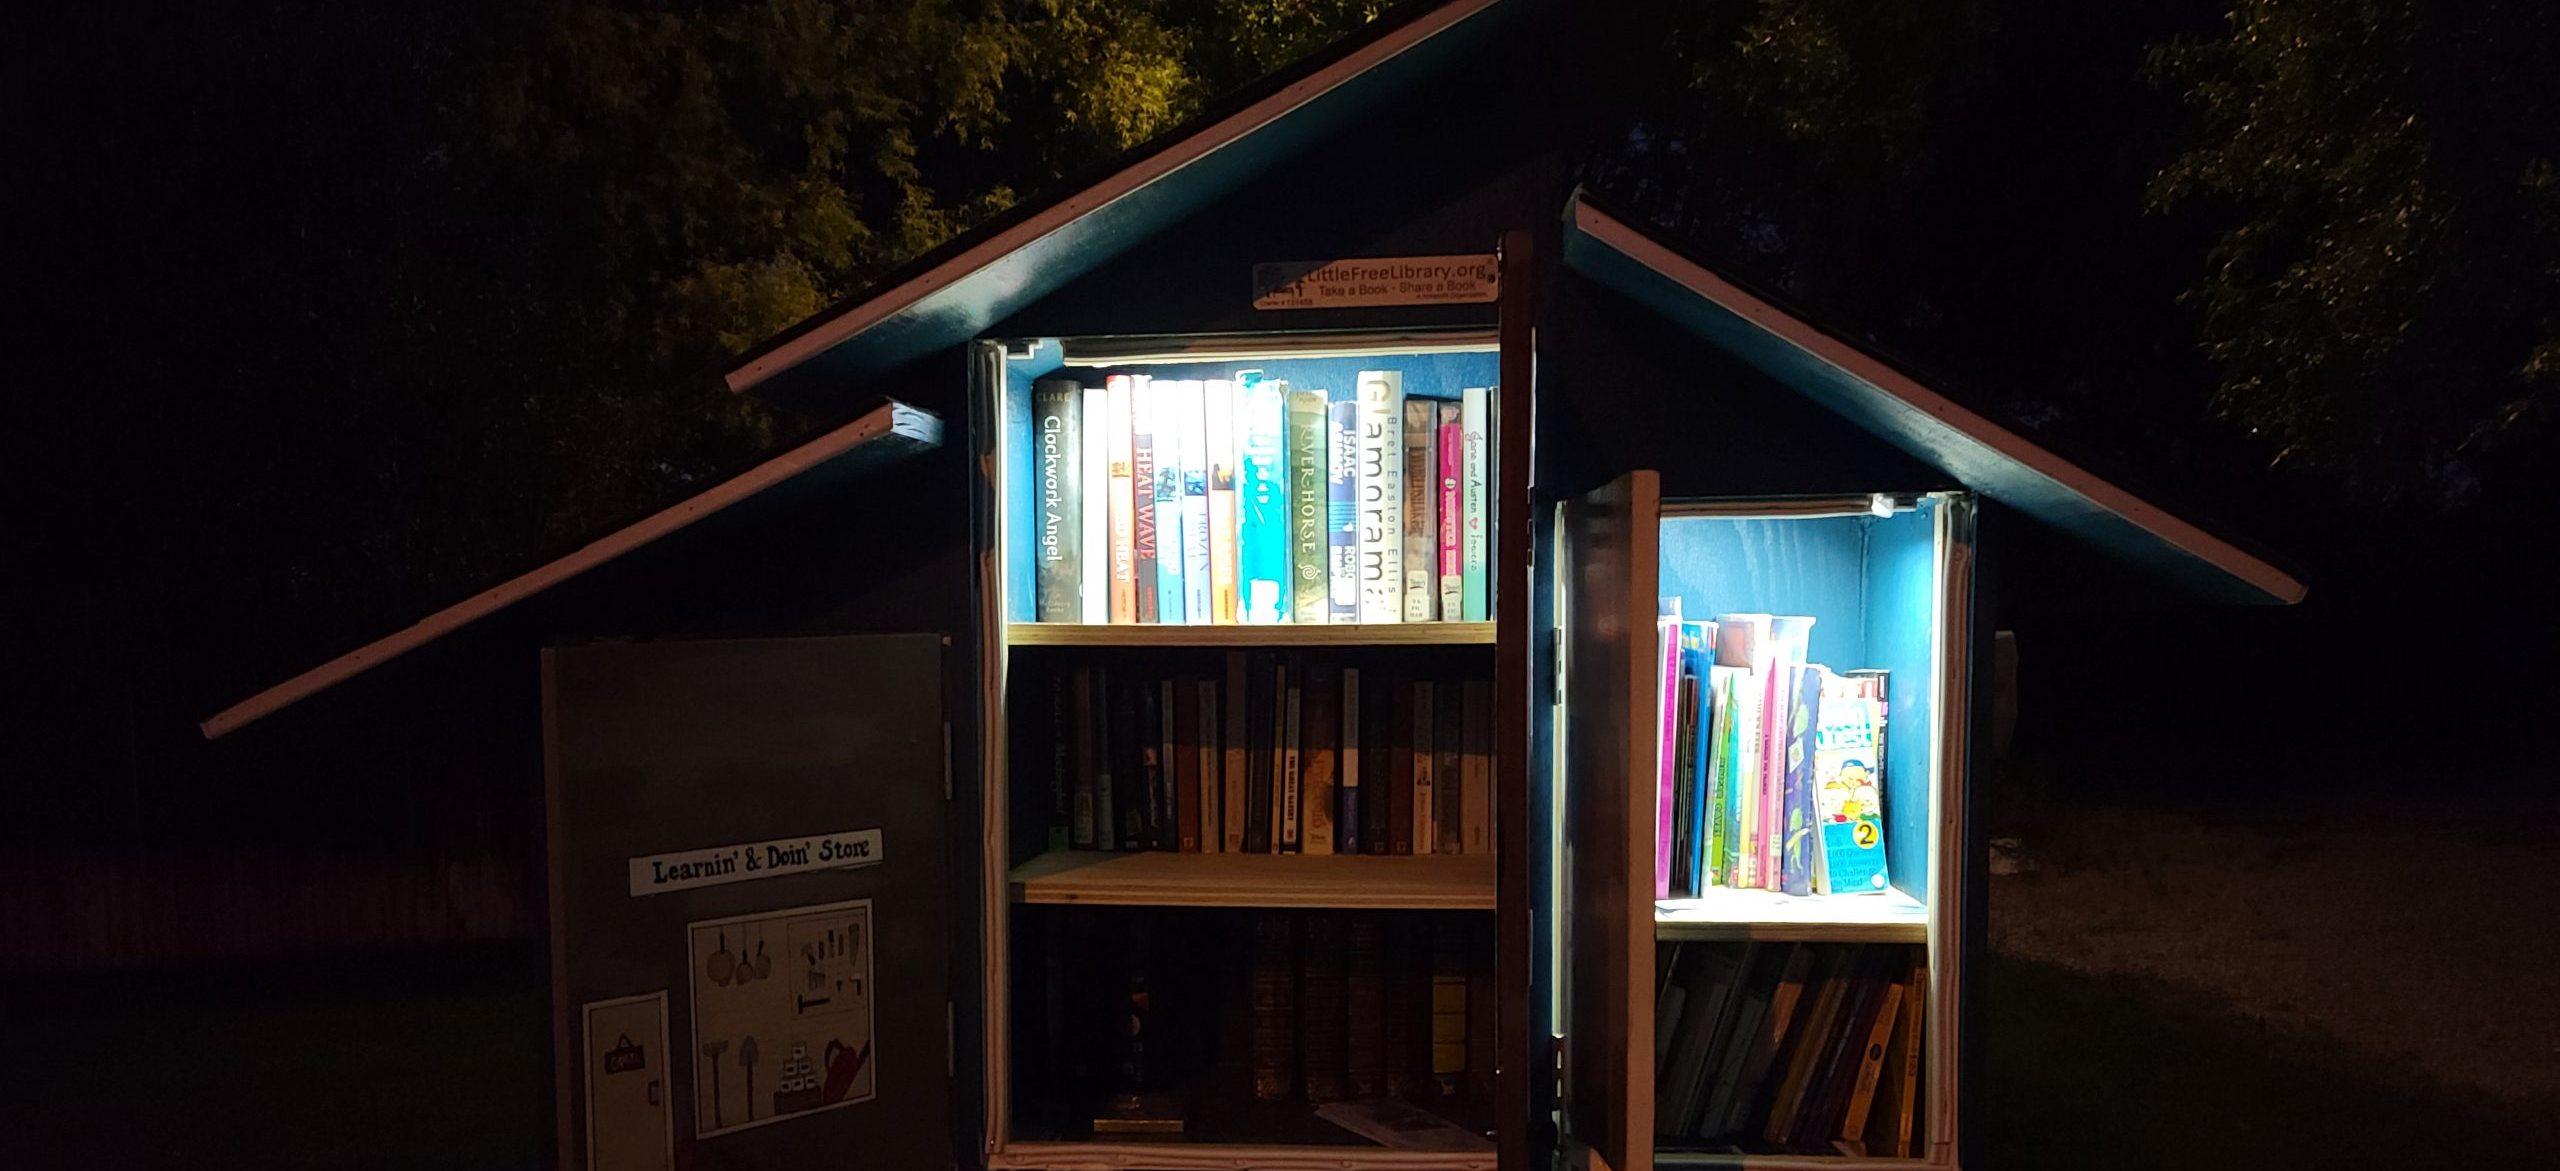 Li'l Winchesters' Li'l Library